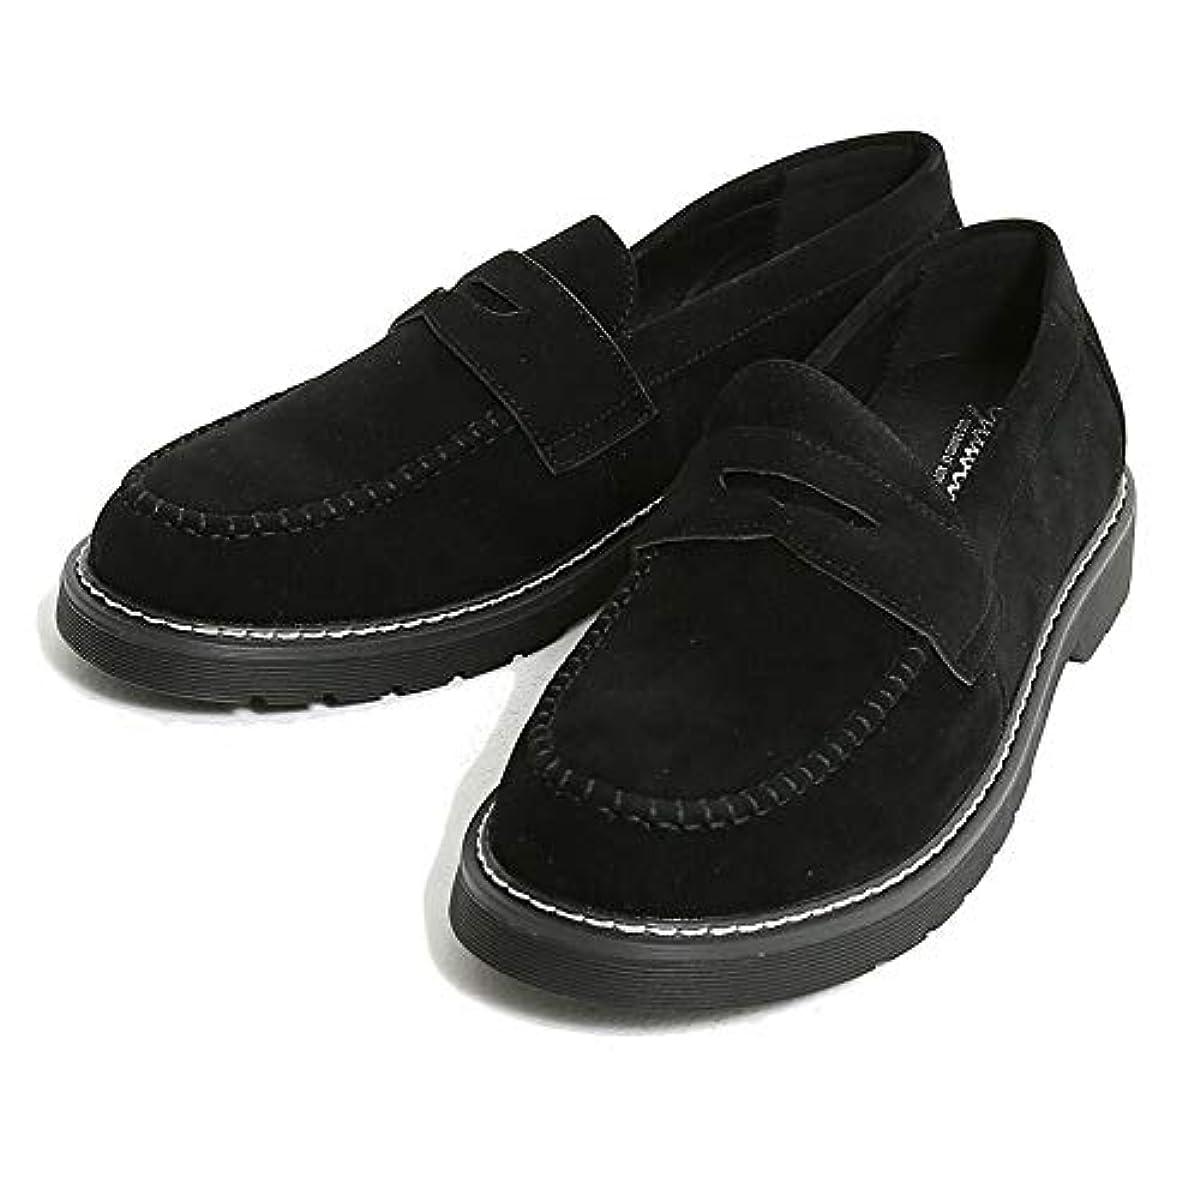 自動化共和党交じる(シルバーバレットセレクト) SB select 【TRY】 メンズ コインローファー シューズ 靴 くつ 合皮